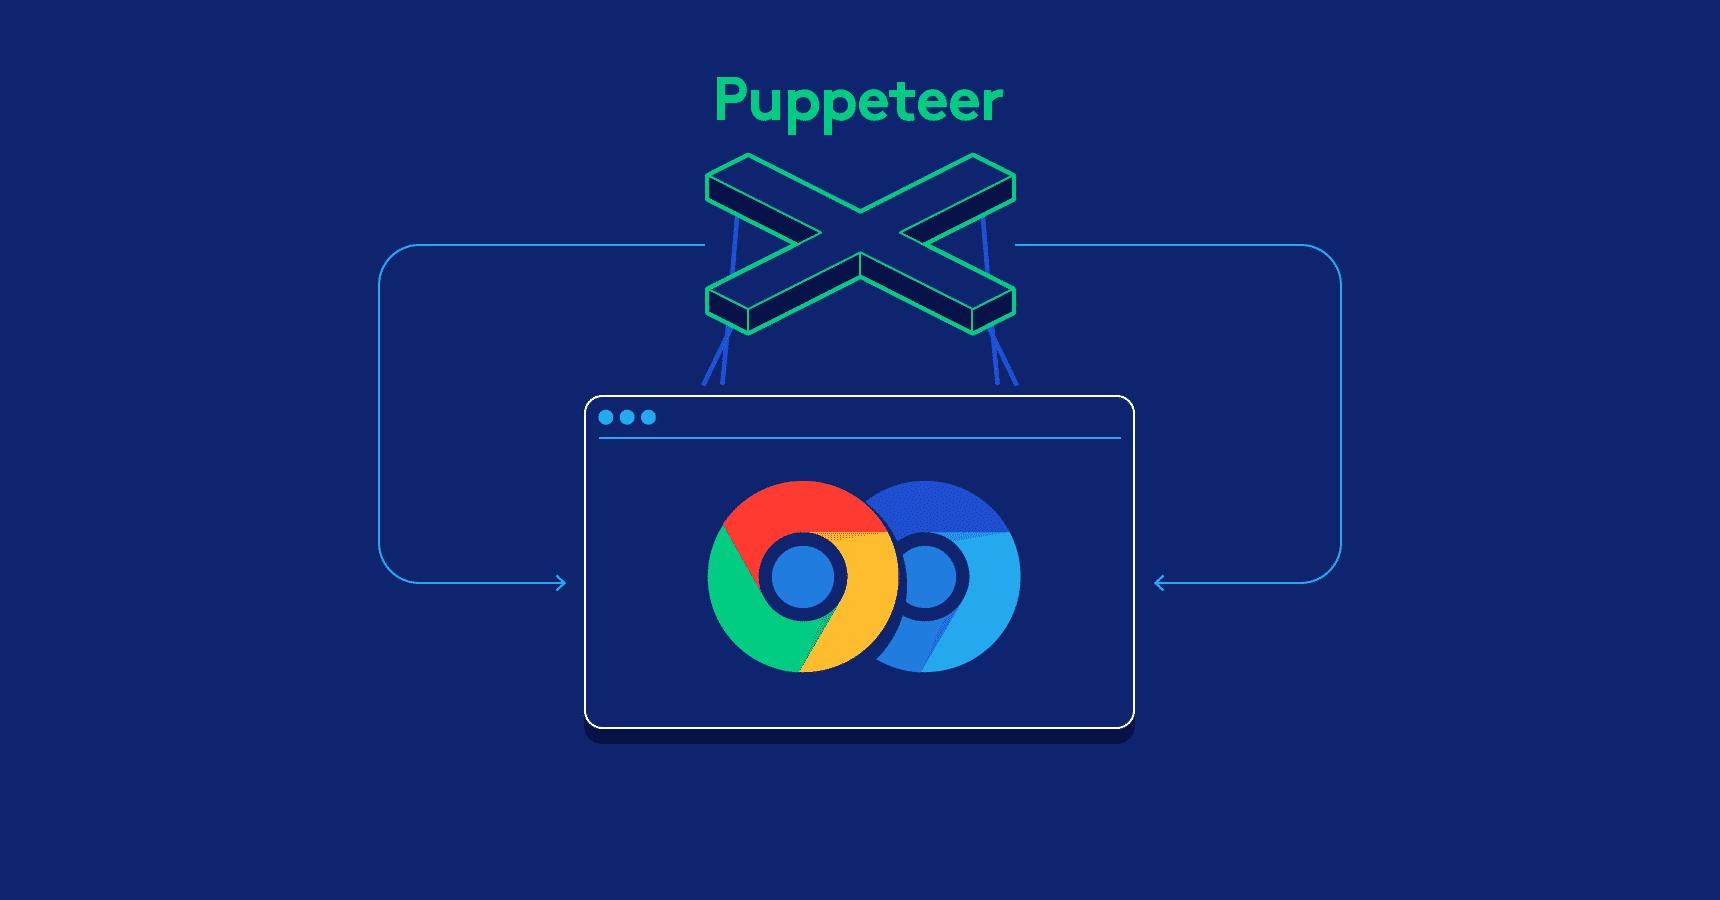 Puppeteer Chrome Integration